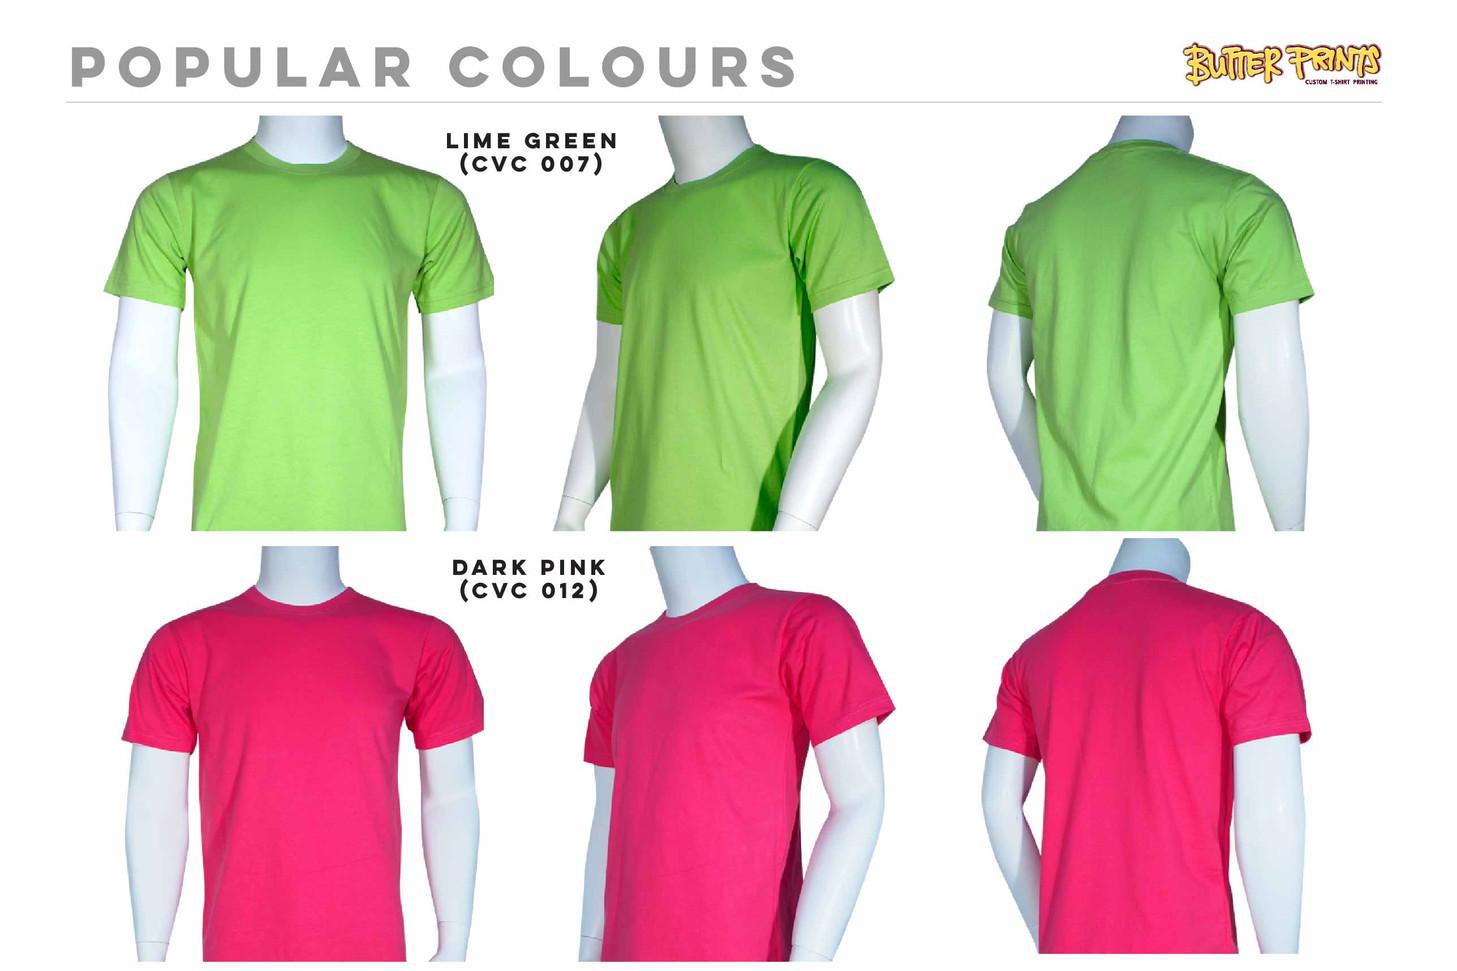 DarkPink Lime Green Cotton Roundneck T-shirts